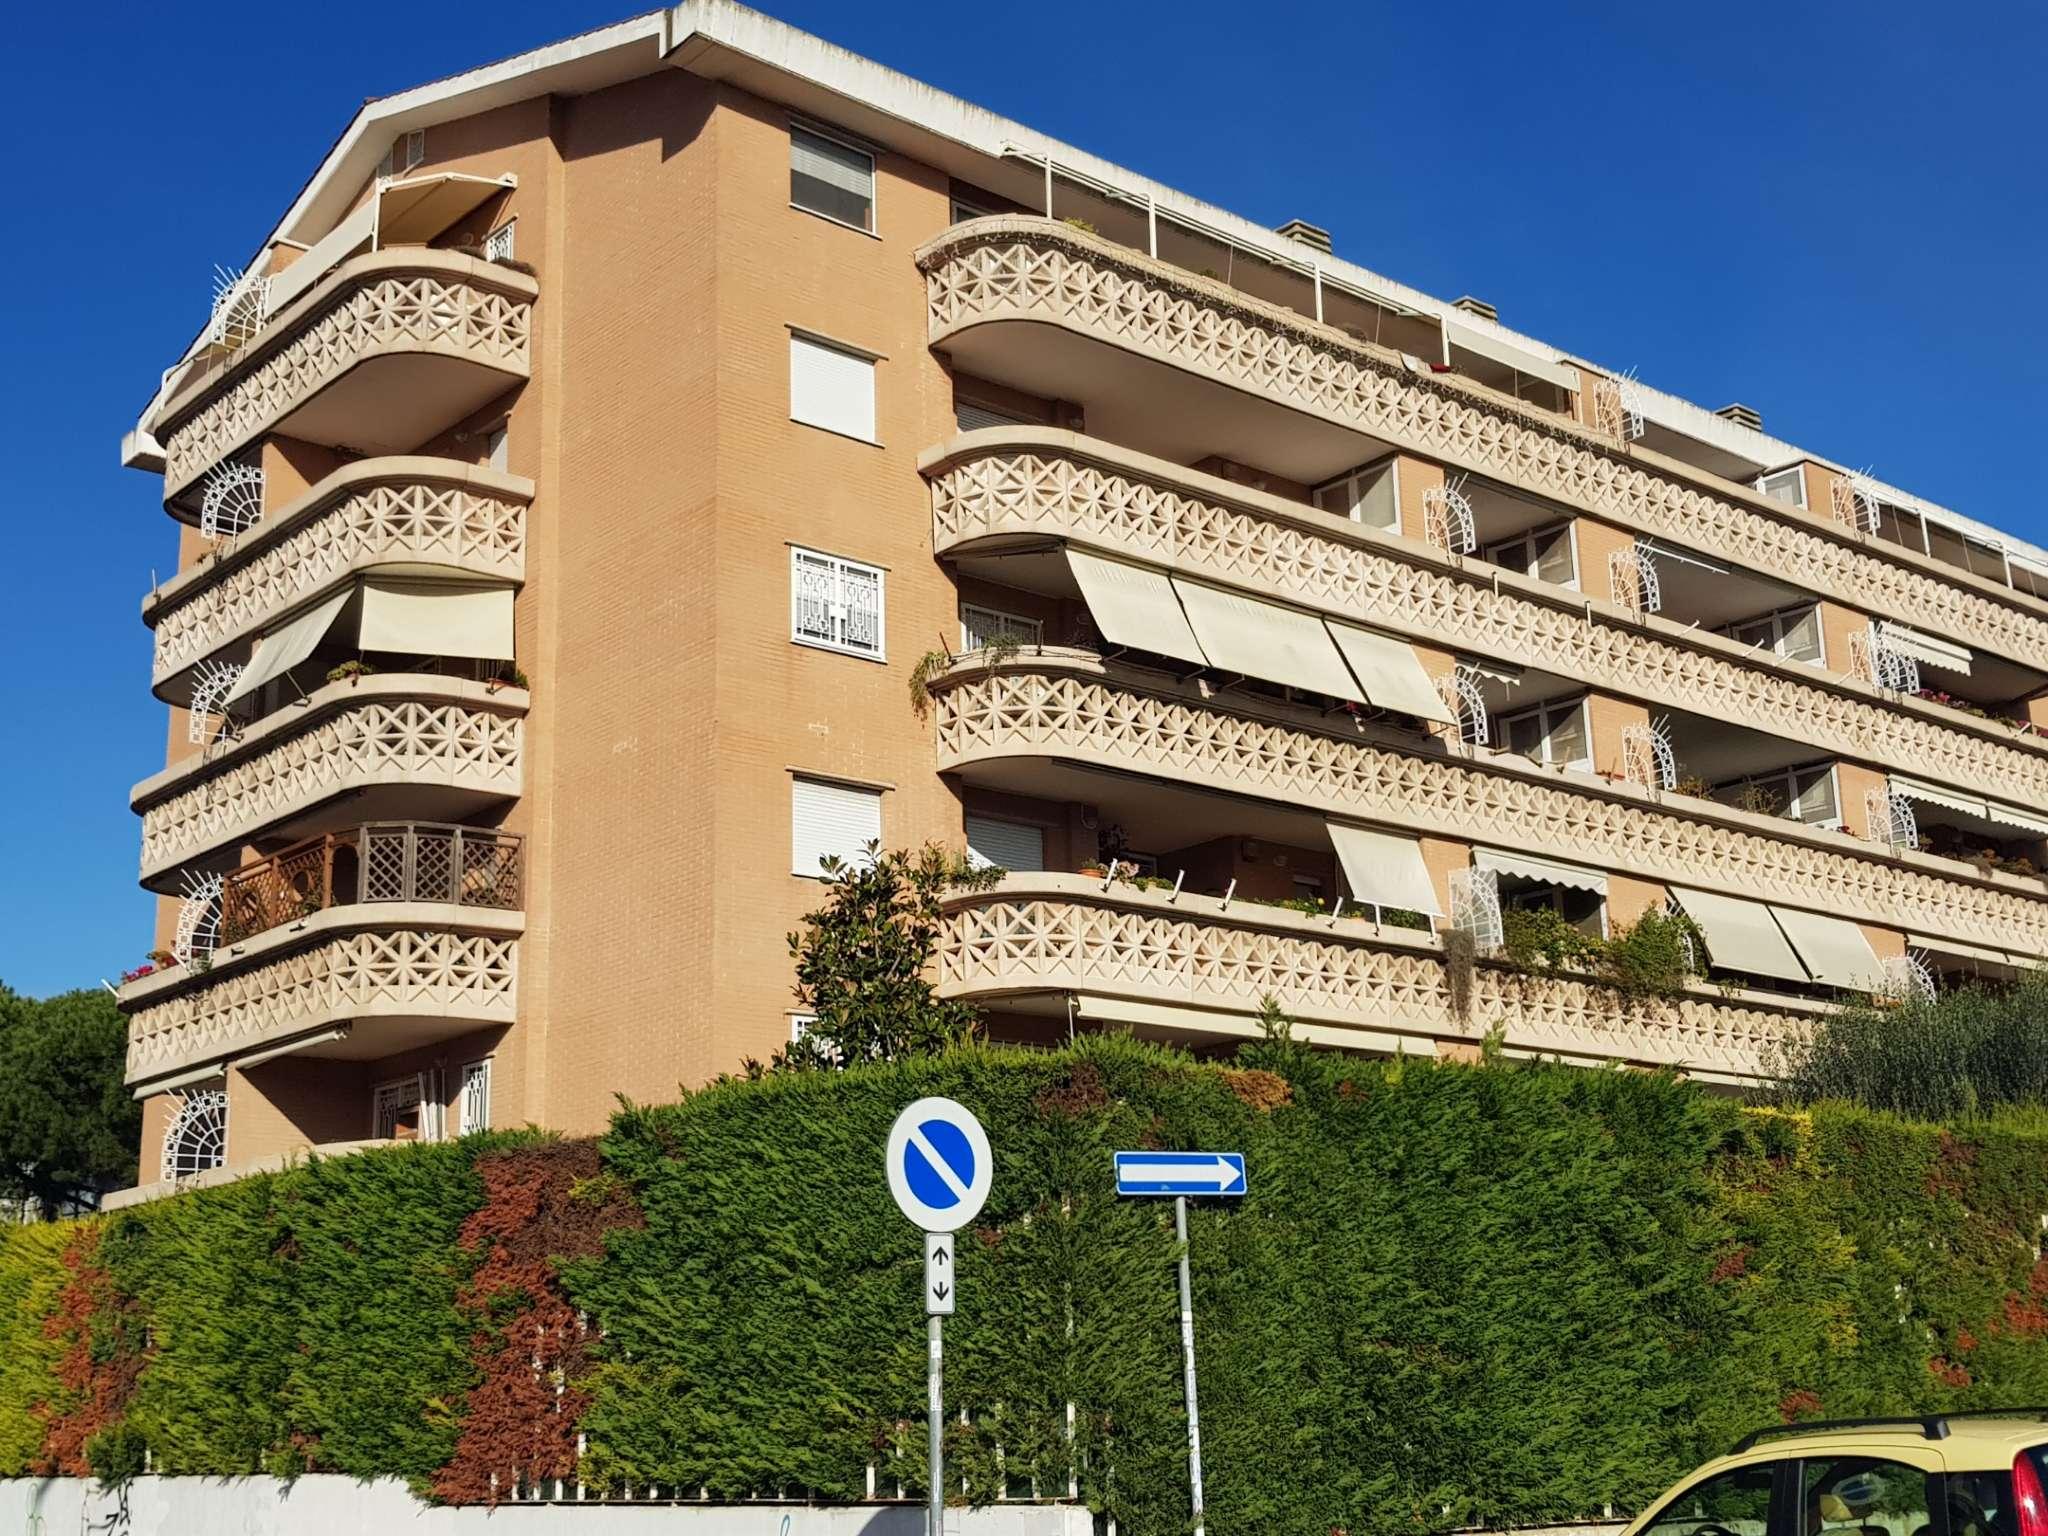 Appartamento in vendita a Roma, 1 locali, zona Zona: 27 . Aurelio - Boccea, prezzo € 169.000 | CambioCasa.it